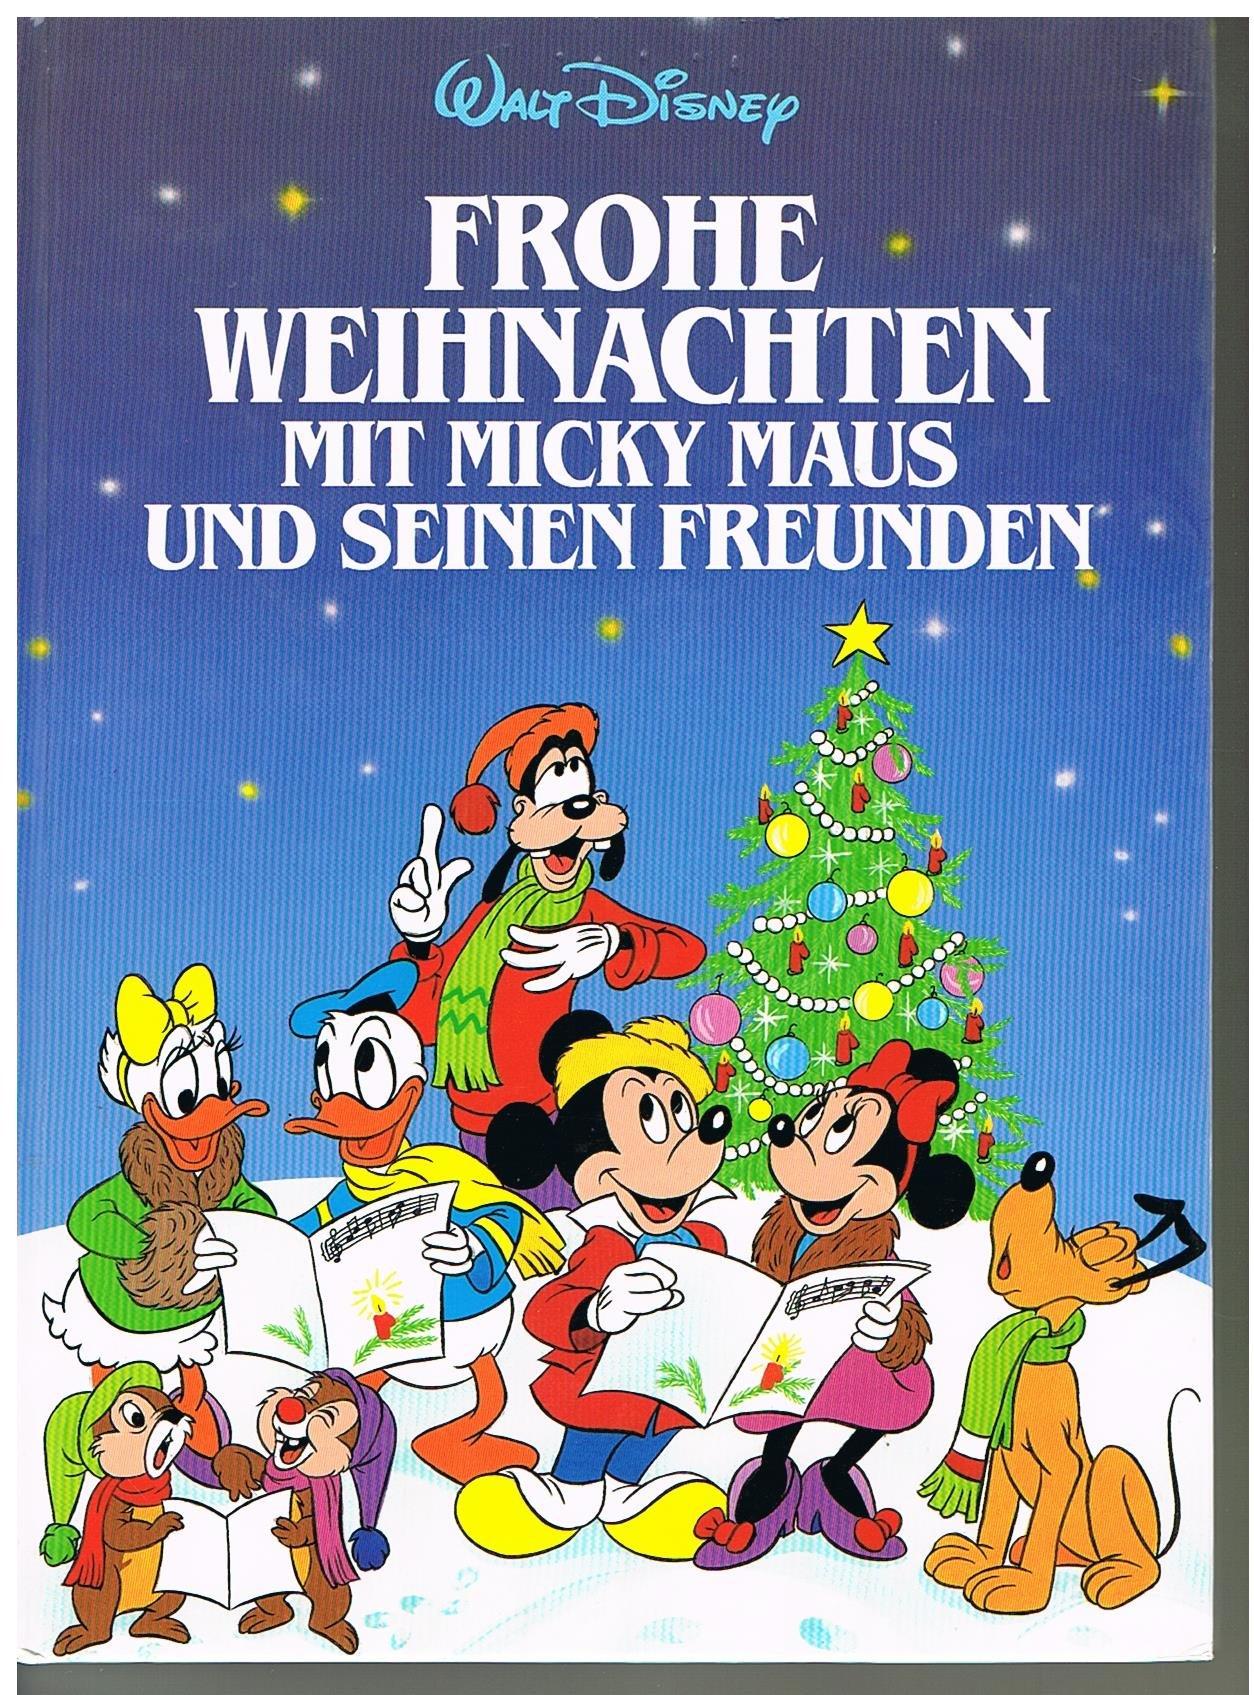 Frohe Weihnachten mit Micky Maus und seinen Freunden: Amazon.de ...